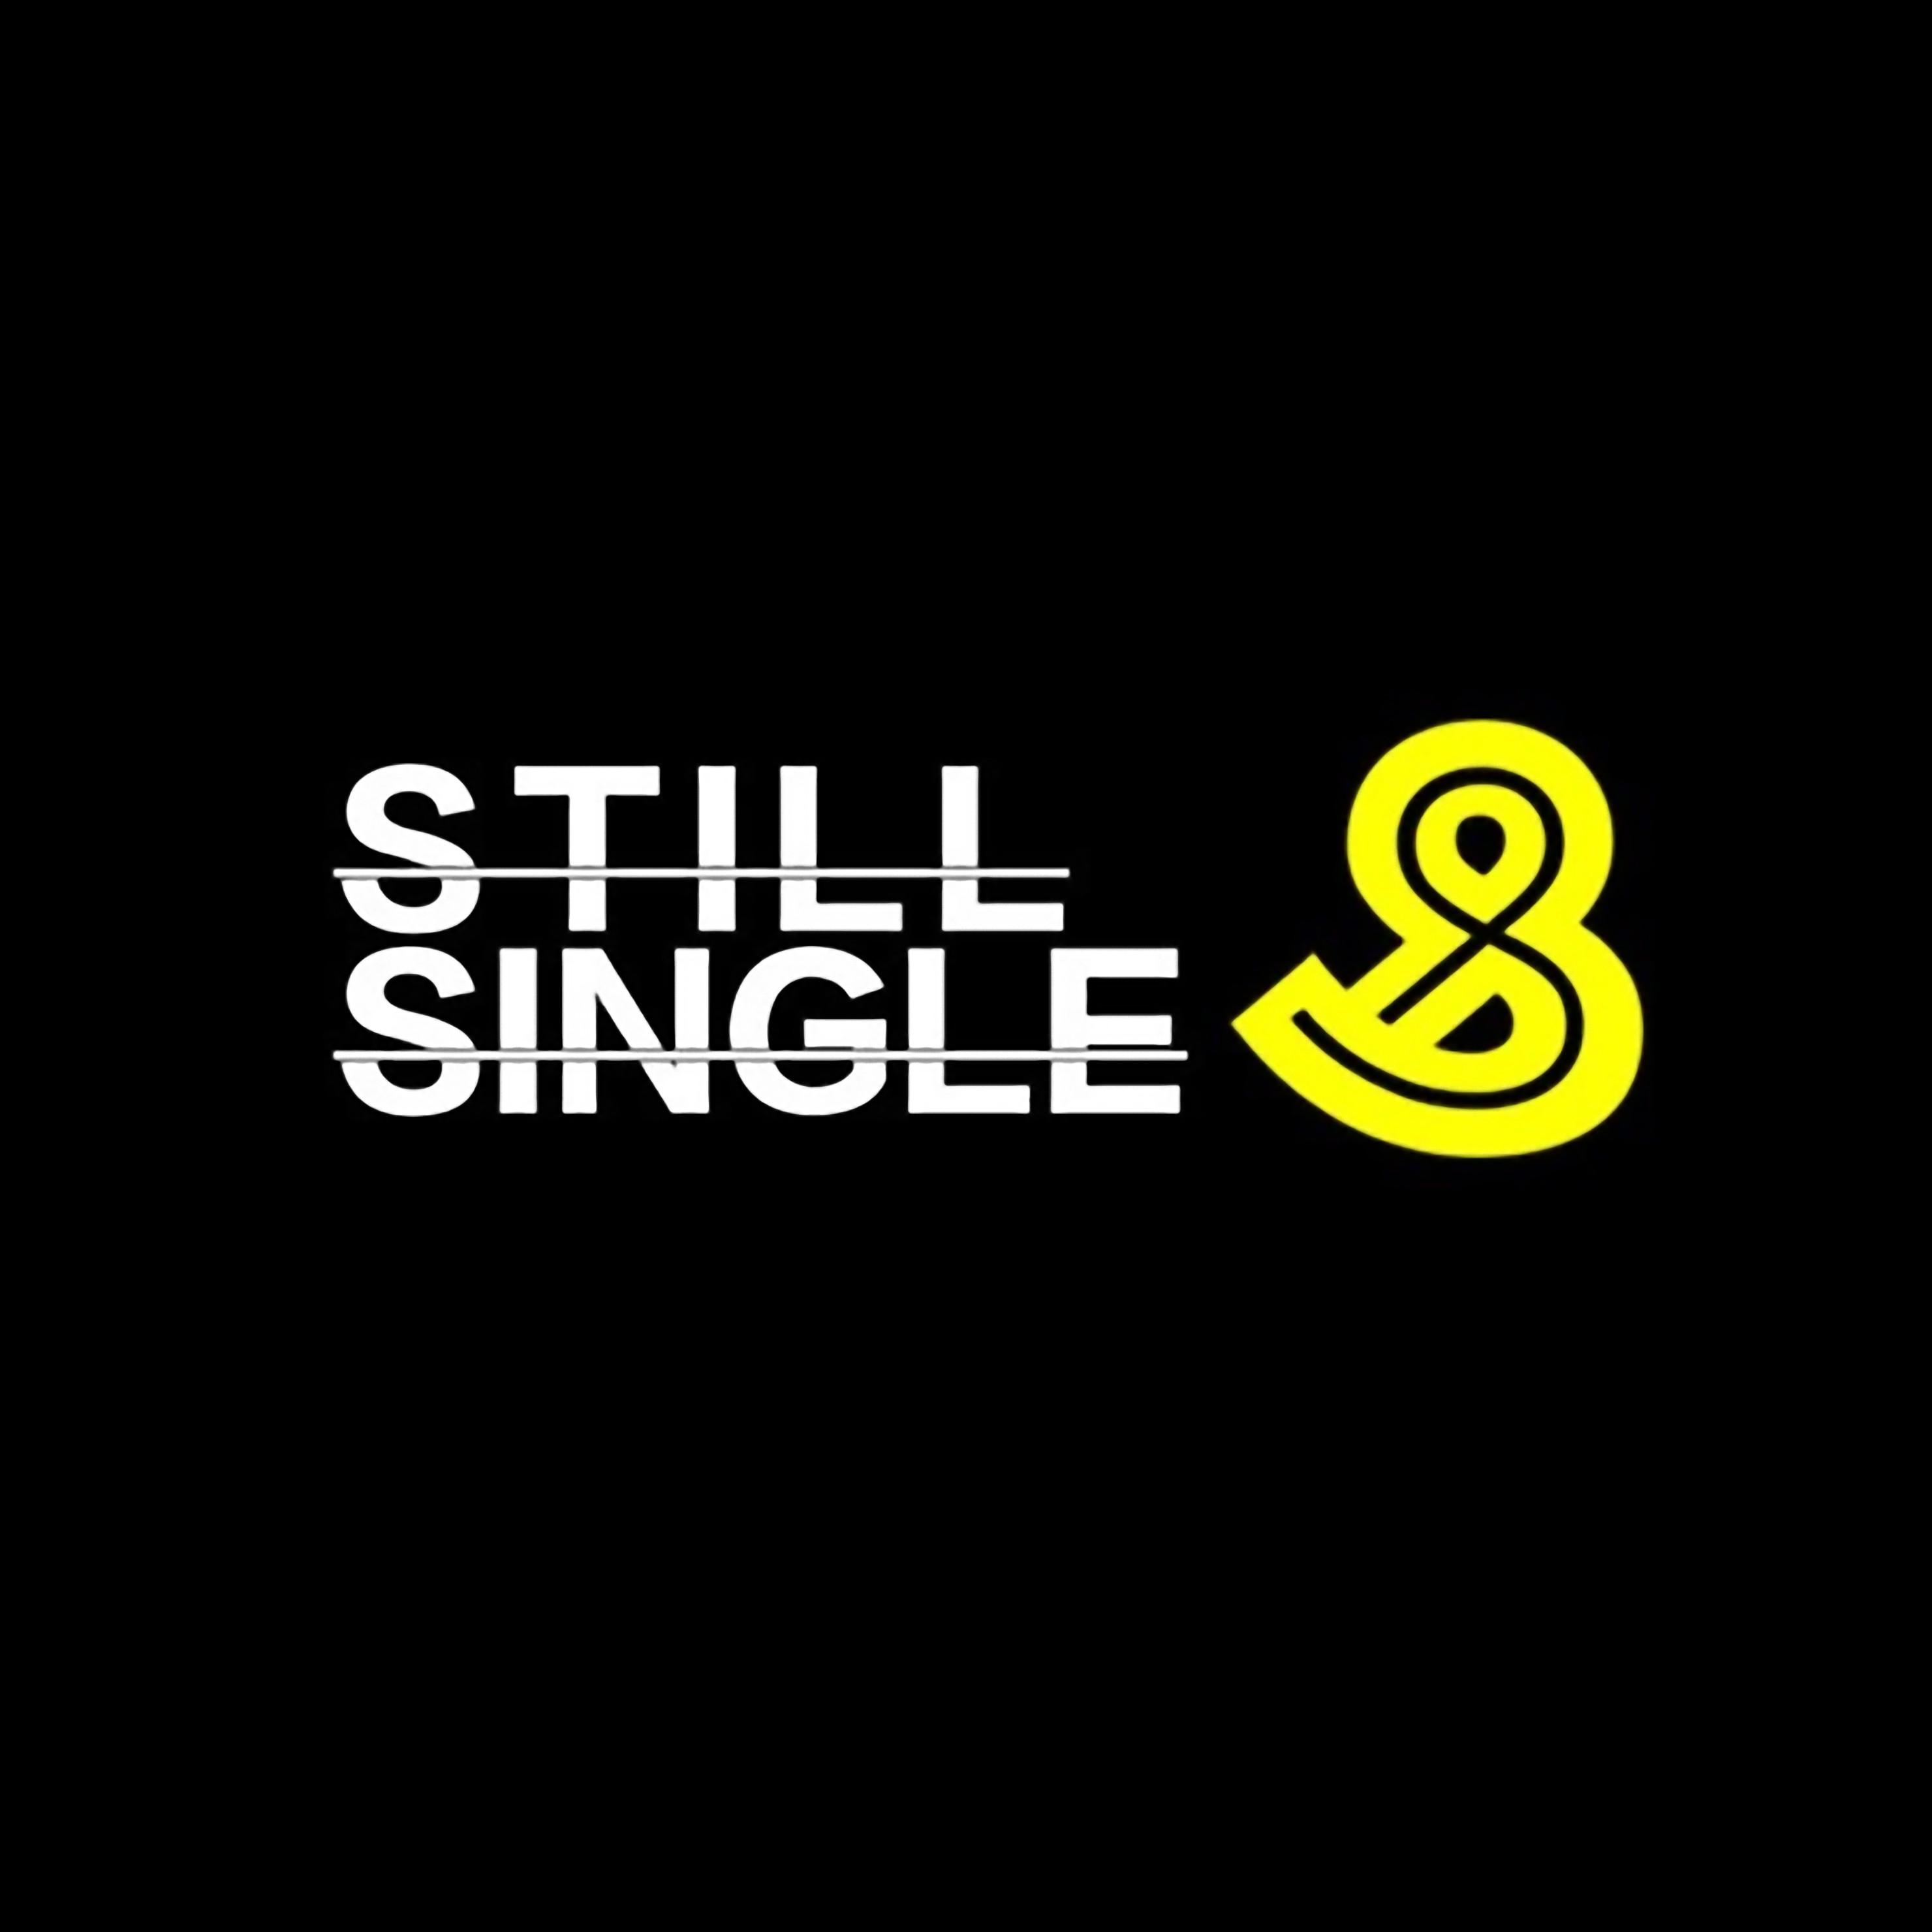 Still Single &